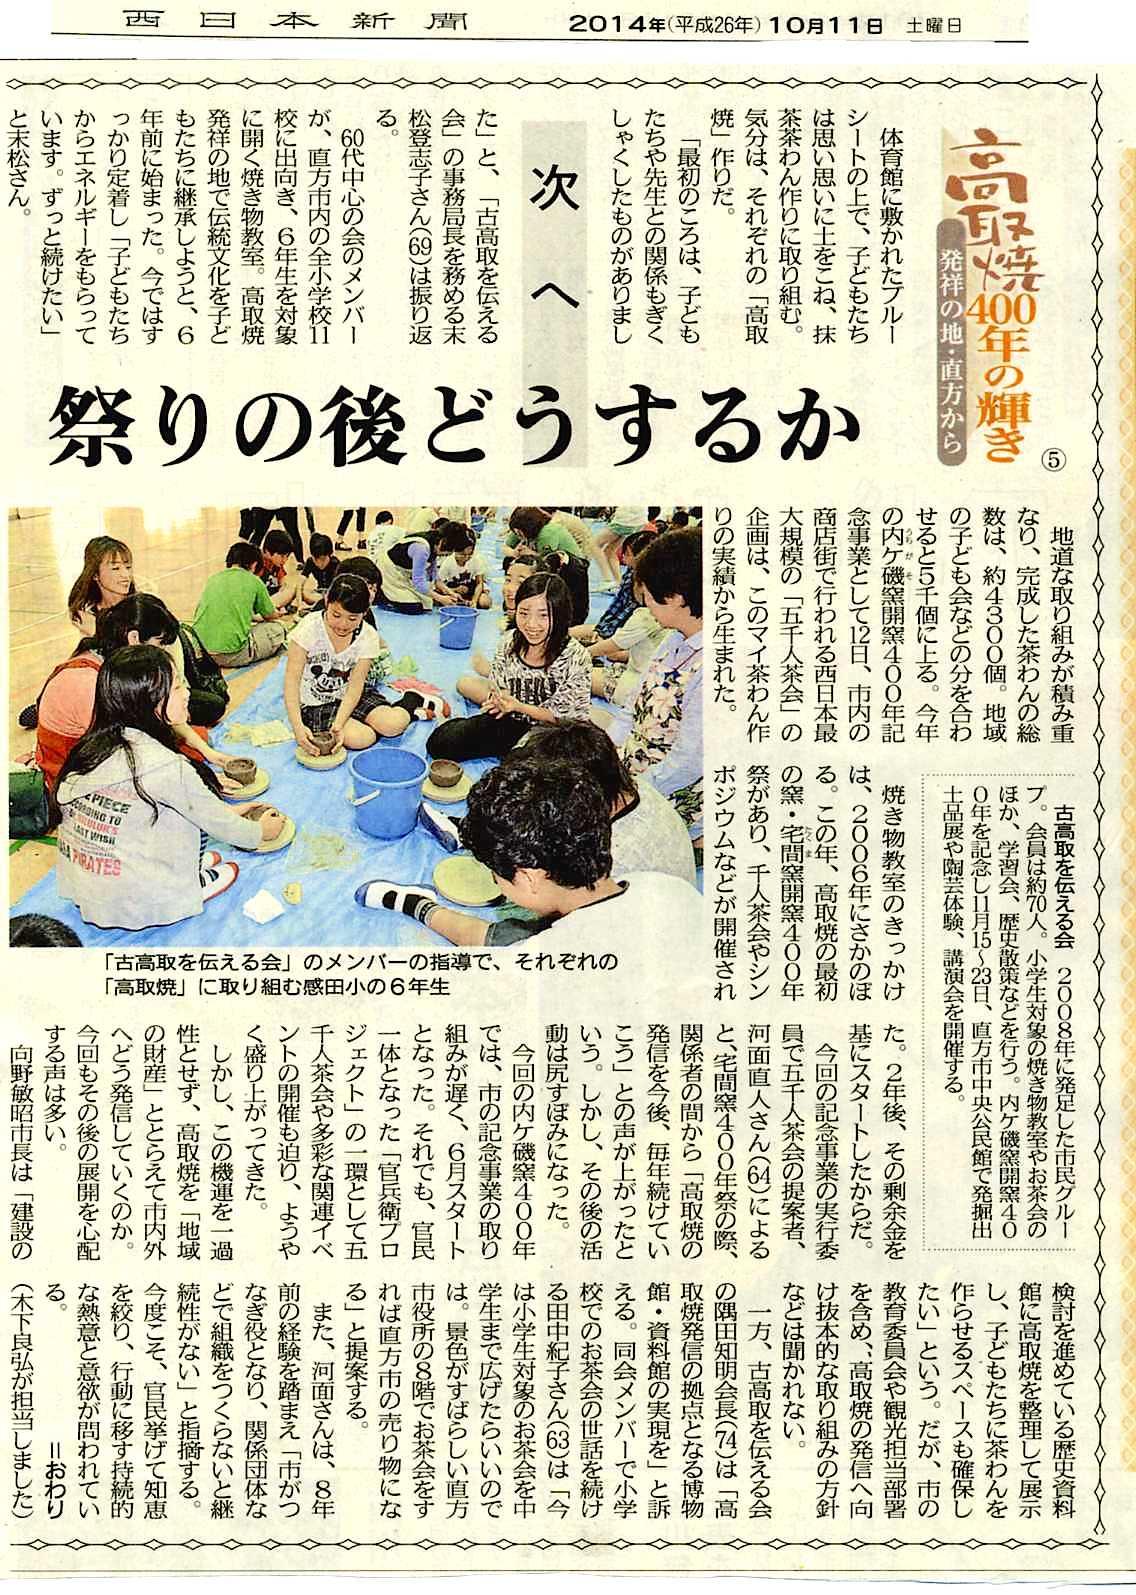 05-nishinippon-takatori2014.10.11